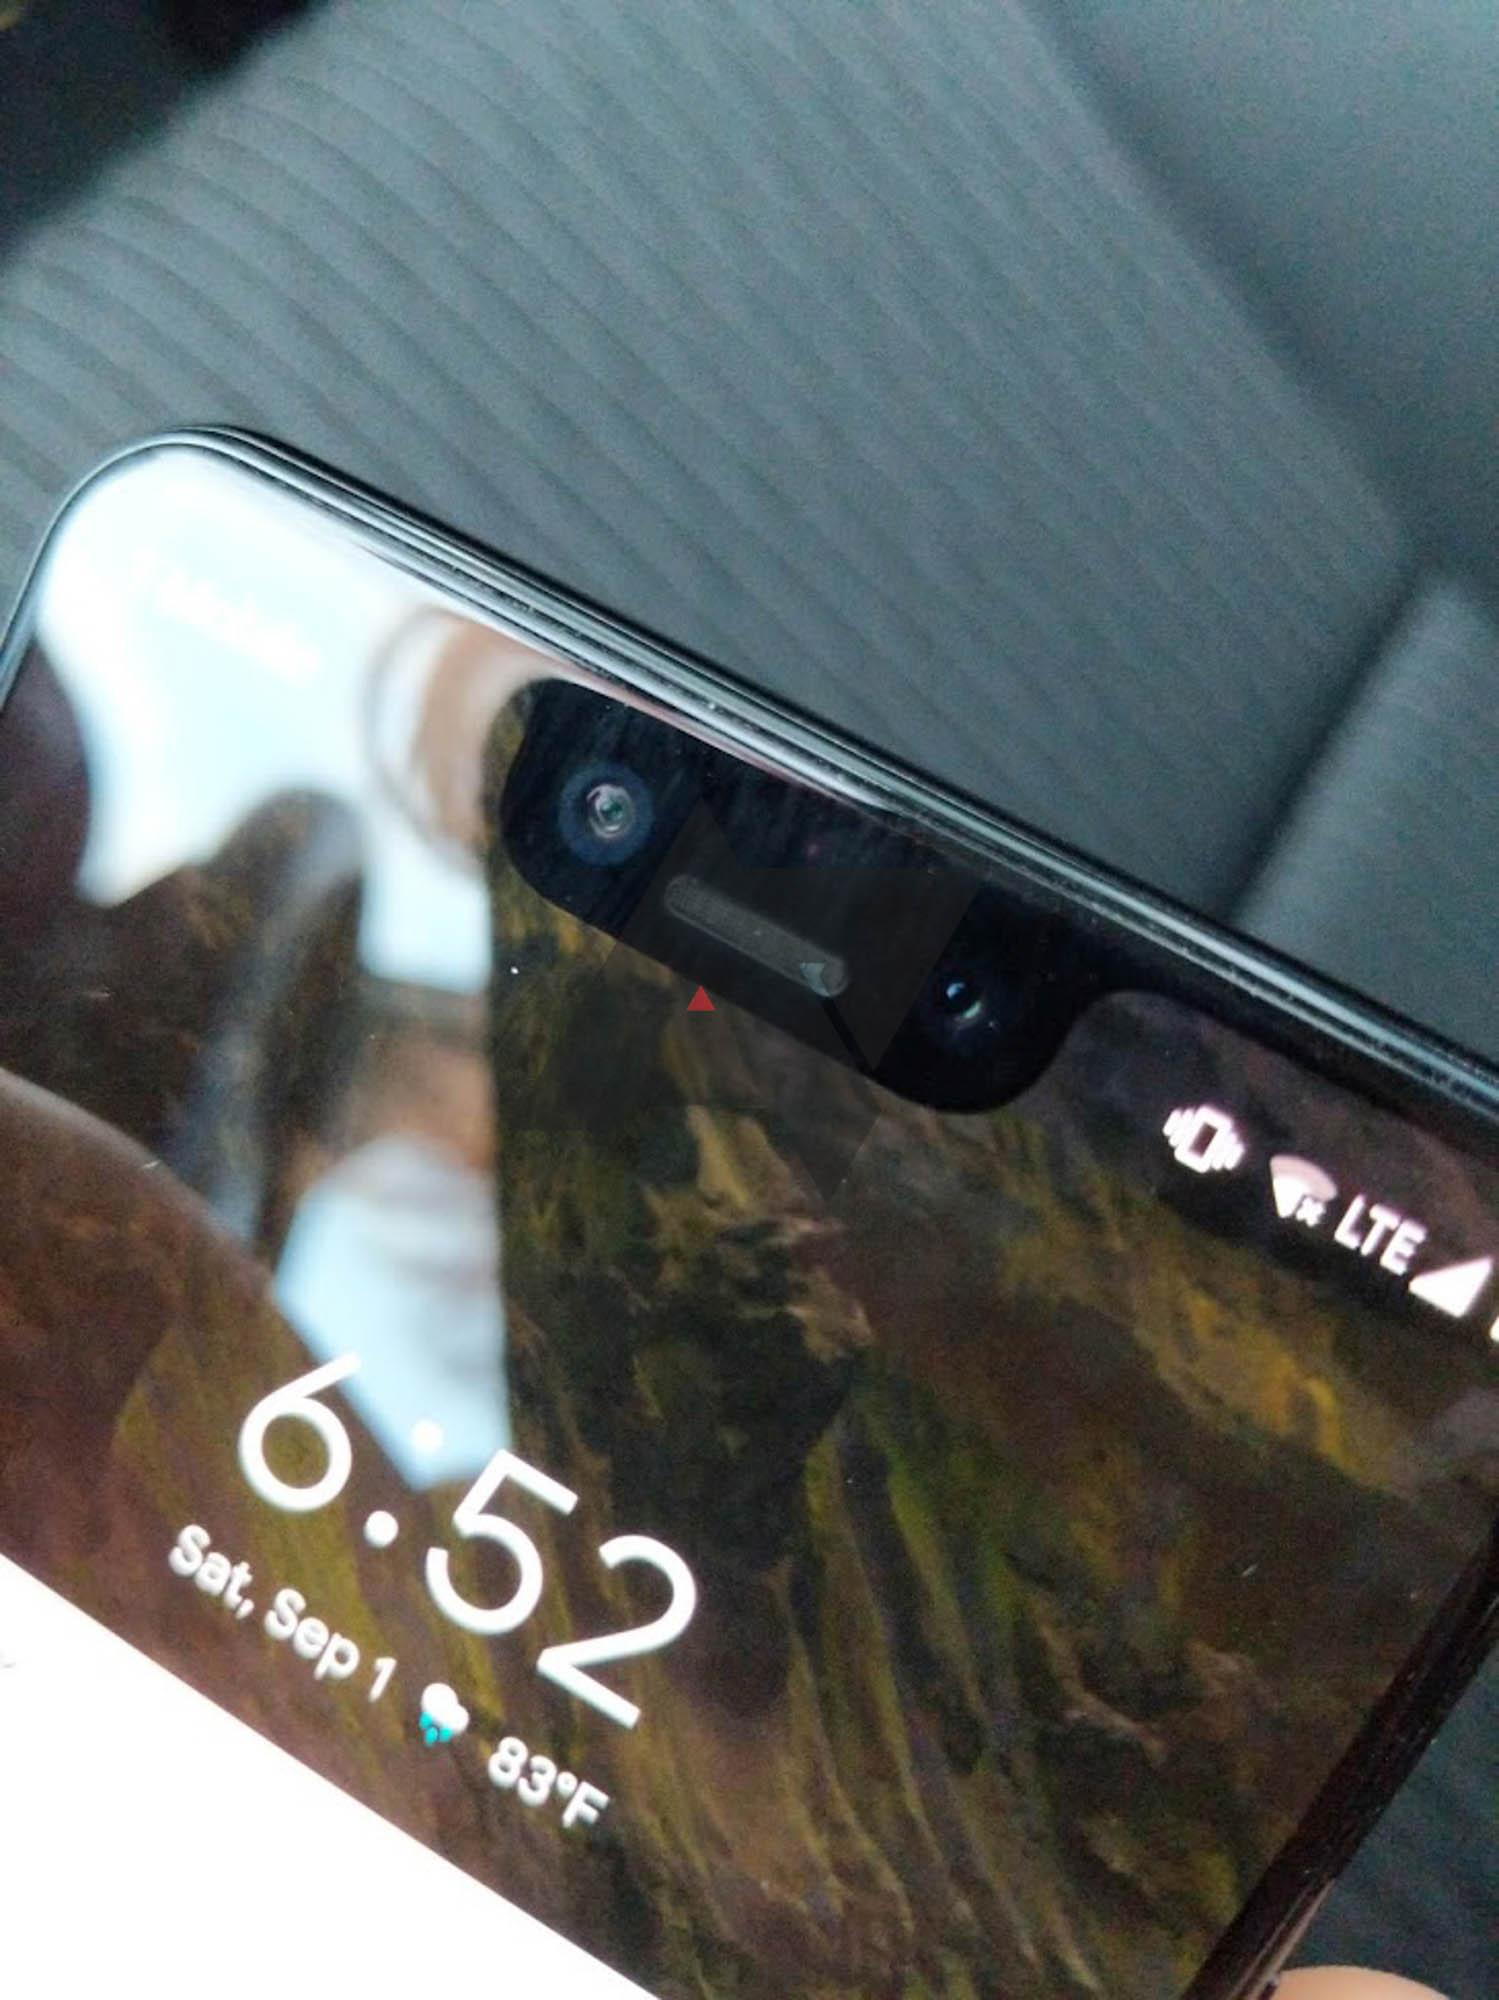 Google Pixel 3 (XL) : toutes les nouveautés de l'appareil photo dévoilées en détails